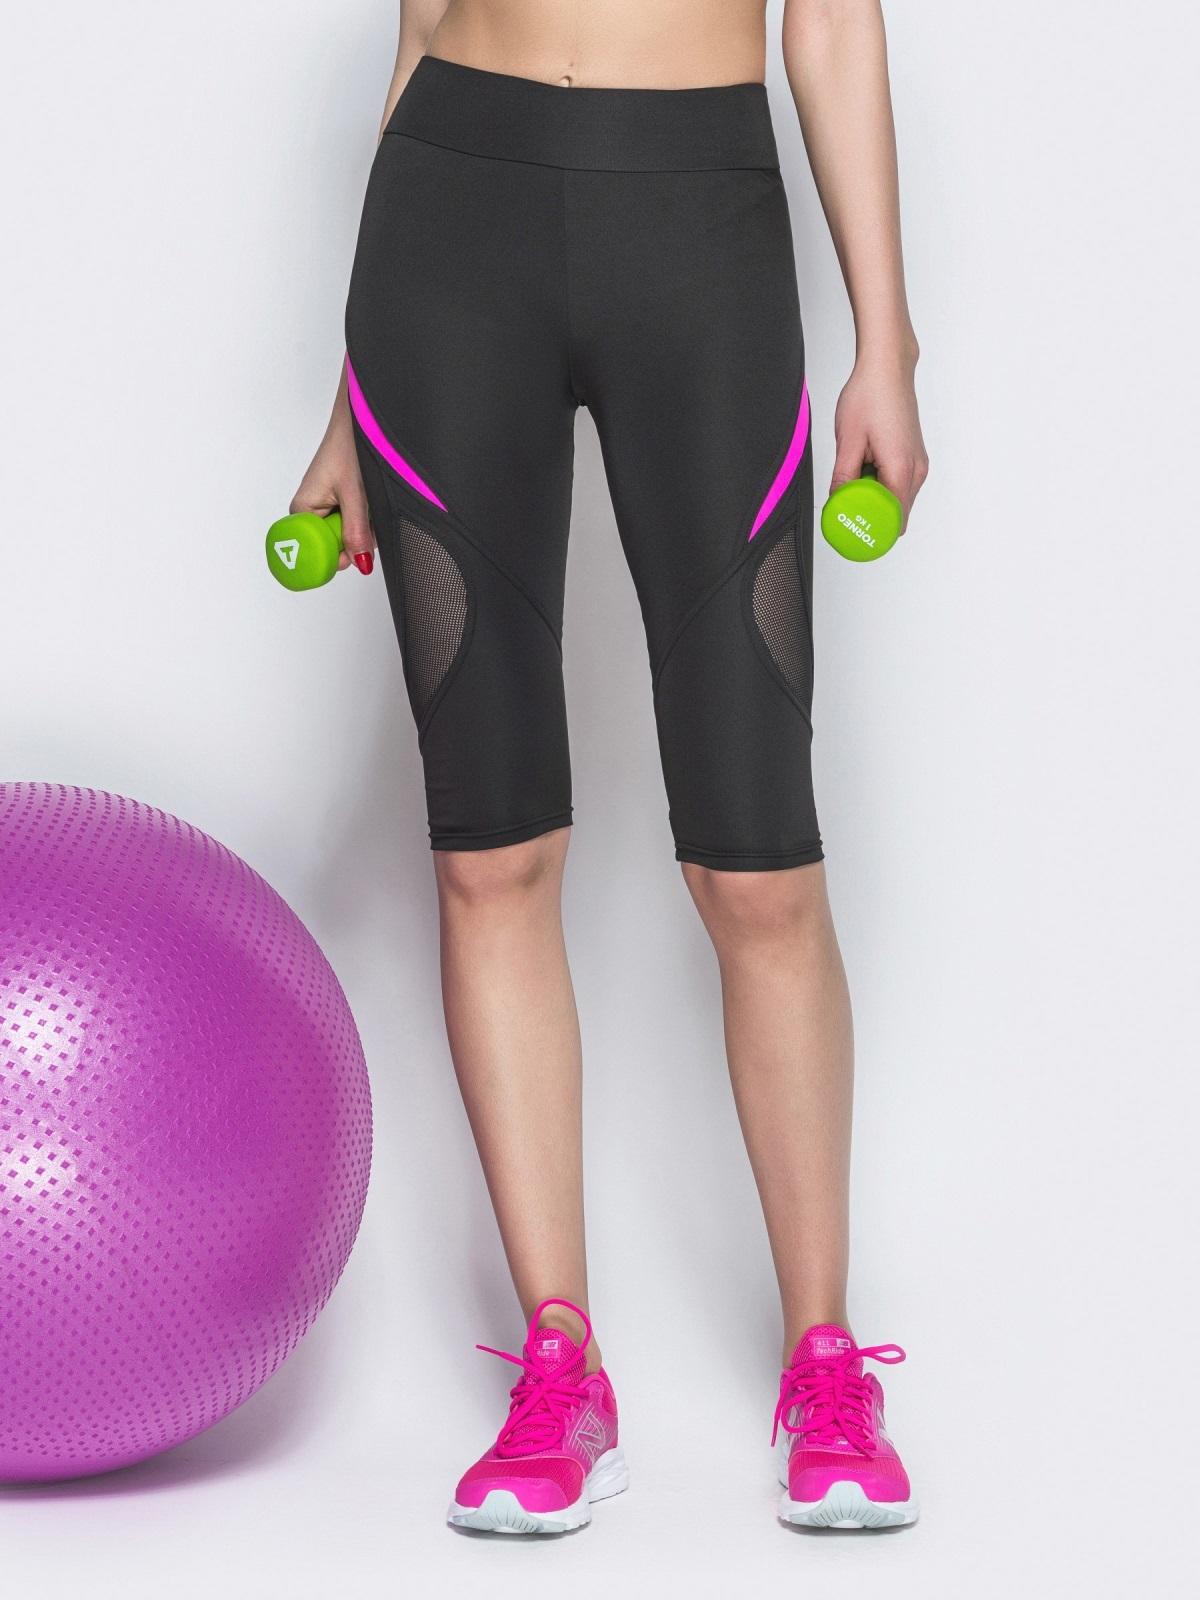 Спортивные бриджи с сеткой и малиновыми вставками чёрные - 38793, фото 1 – интернет-магазин Dressa